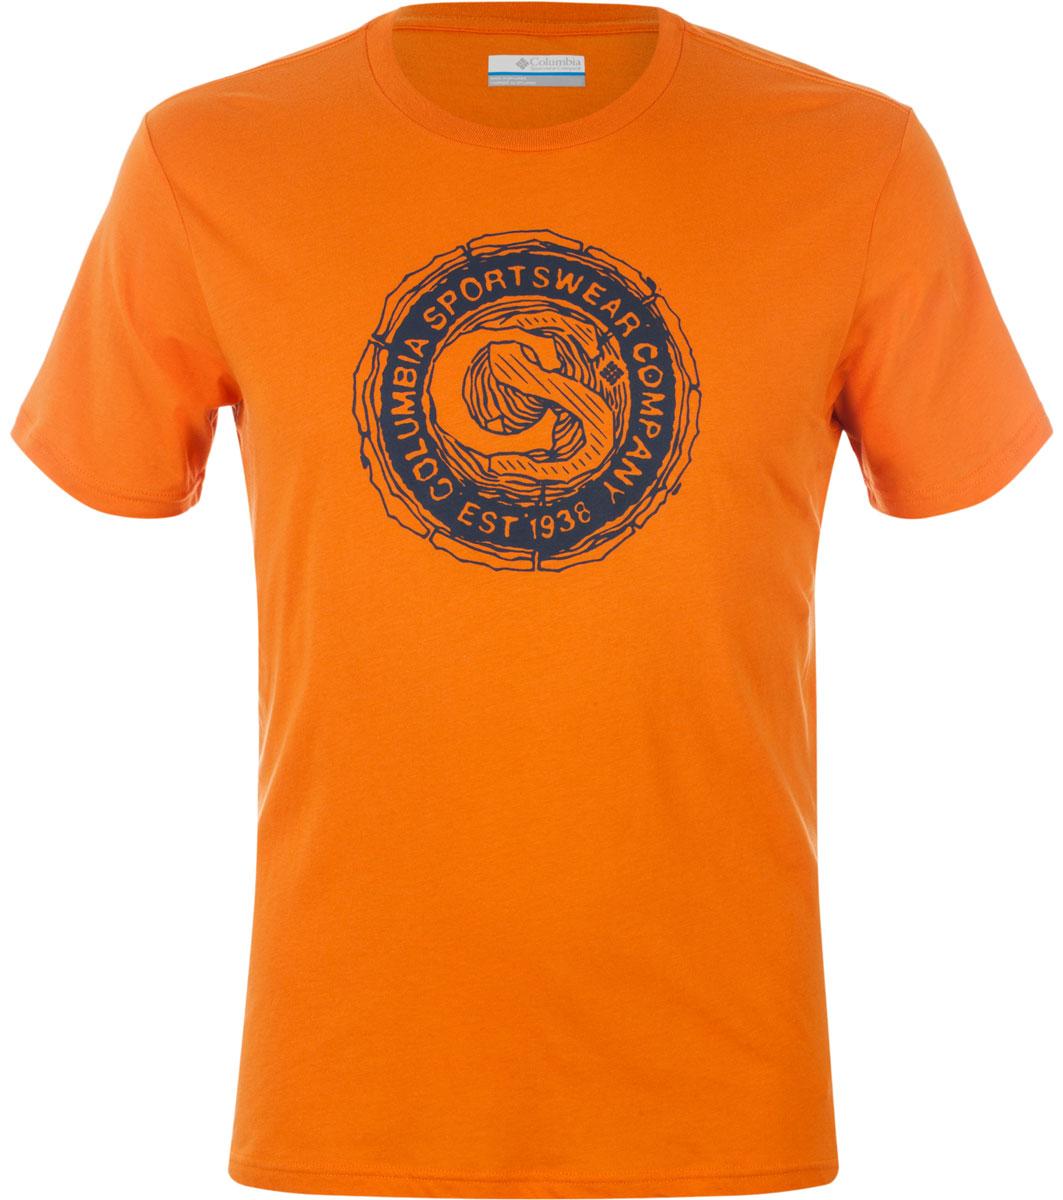 Футболка мужская Columbia Carved Ridge SS T-shirt, цвет: оранжевый. 1713461-996. Размер M (46/48)1713461-996Футболка Columbia - оптимальный вариант для активного отдыха и повседневного использования. Модель выполнена из хлопка, что обеспечивает максимально комфортные ощущения во время использования. Крупный принт на груди придает изделию оригинальность.